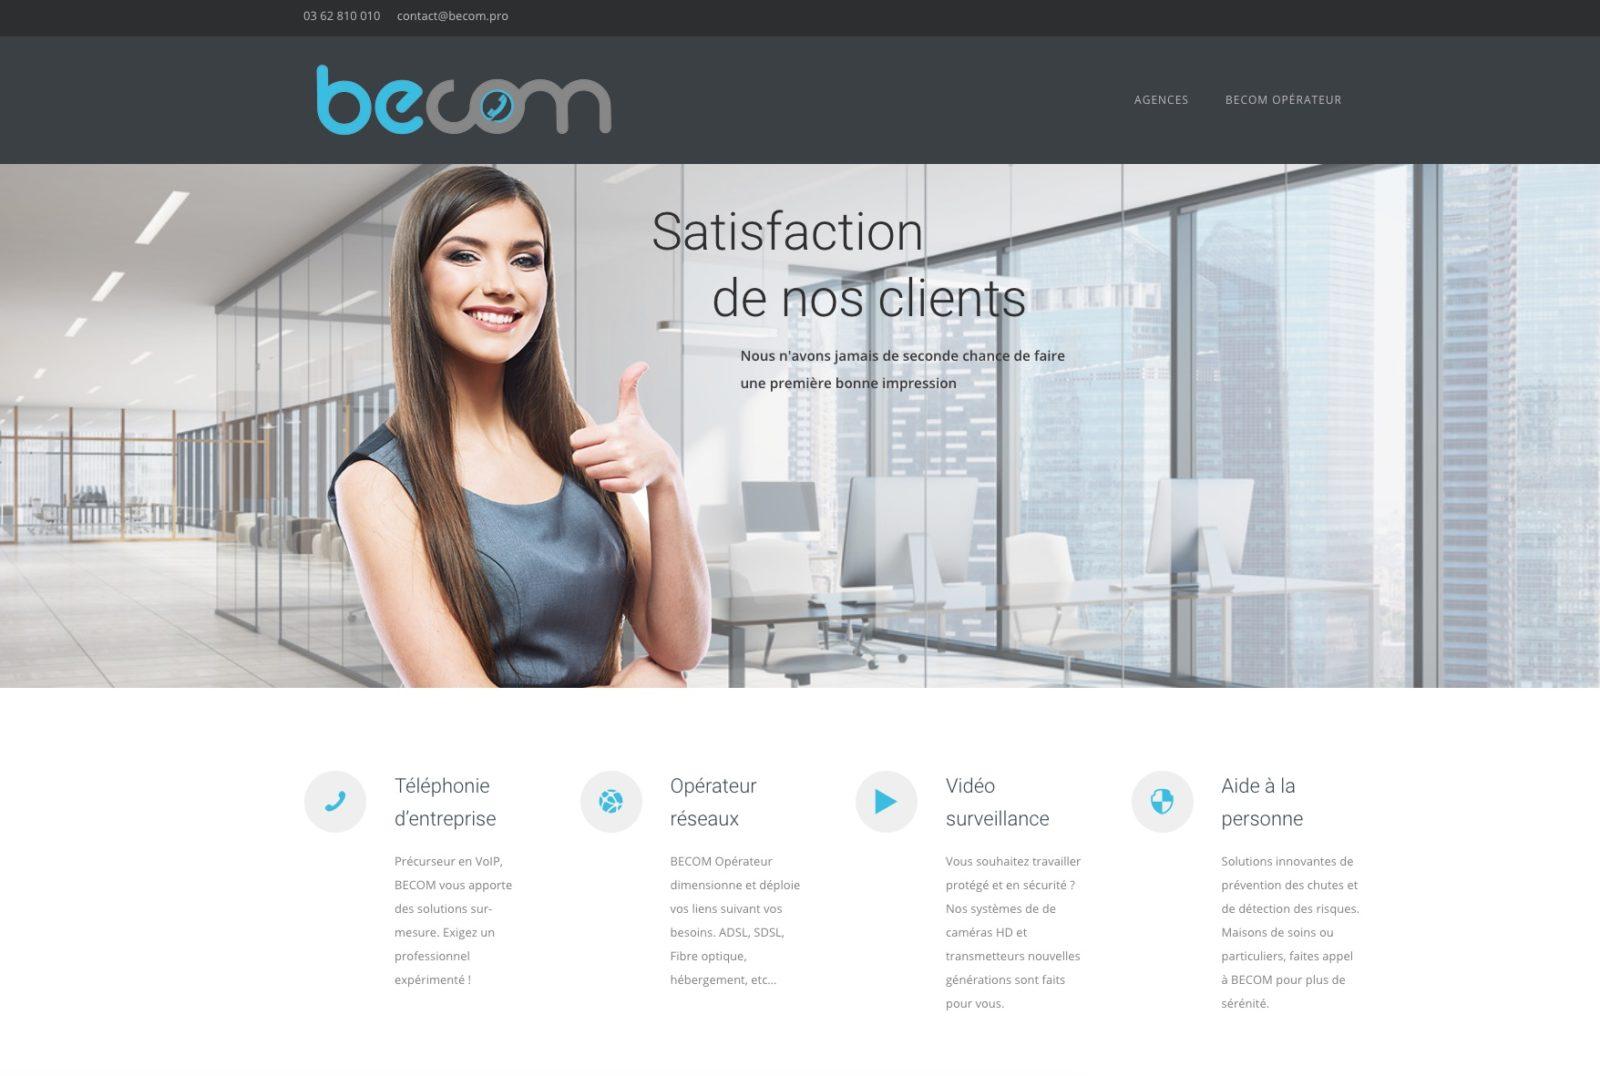 Becom.pro - satisfaction client, une agence web situé à Mulhouse